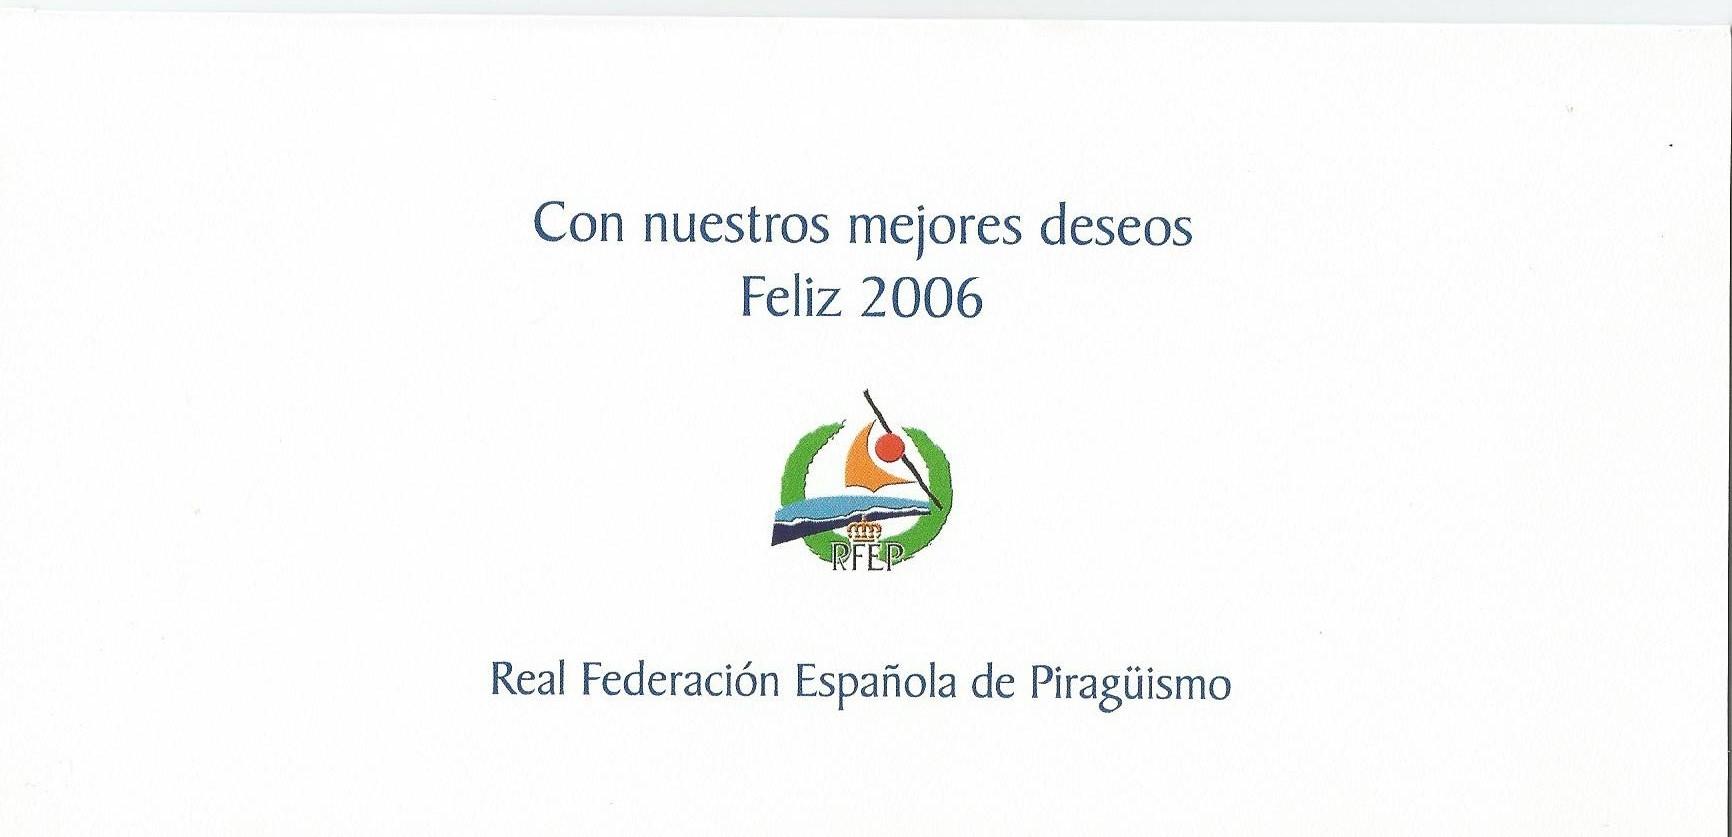 CHRISTMAS RFEP 2005 REVERSO